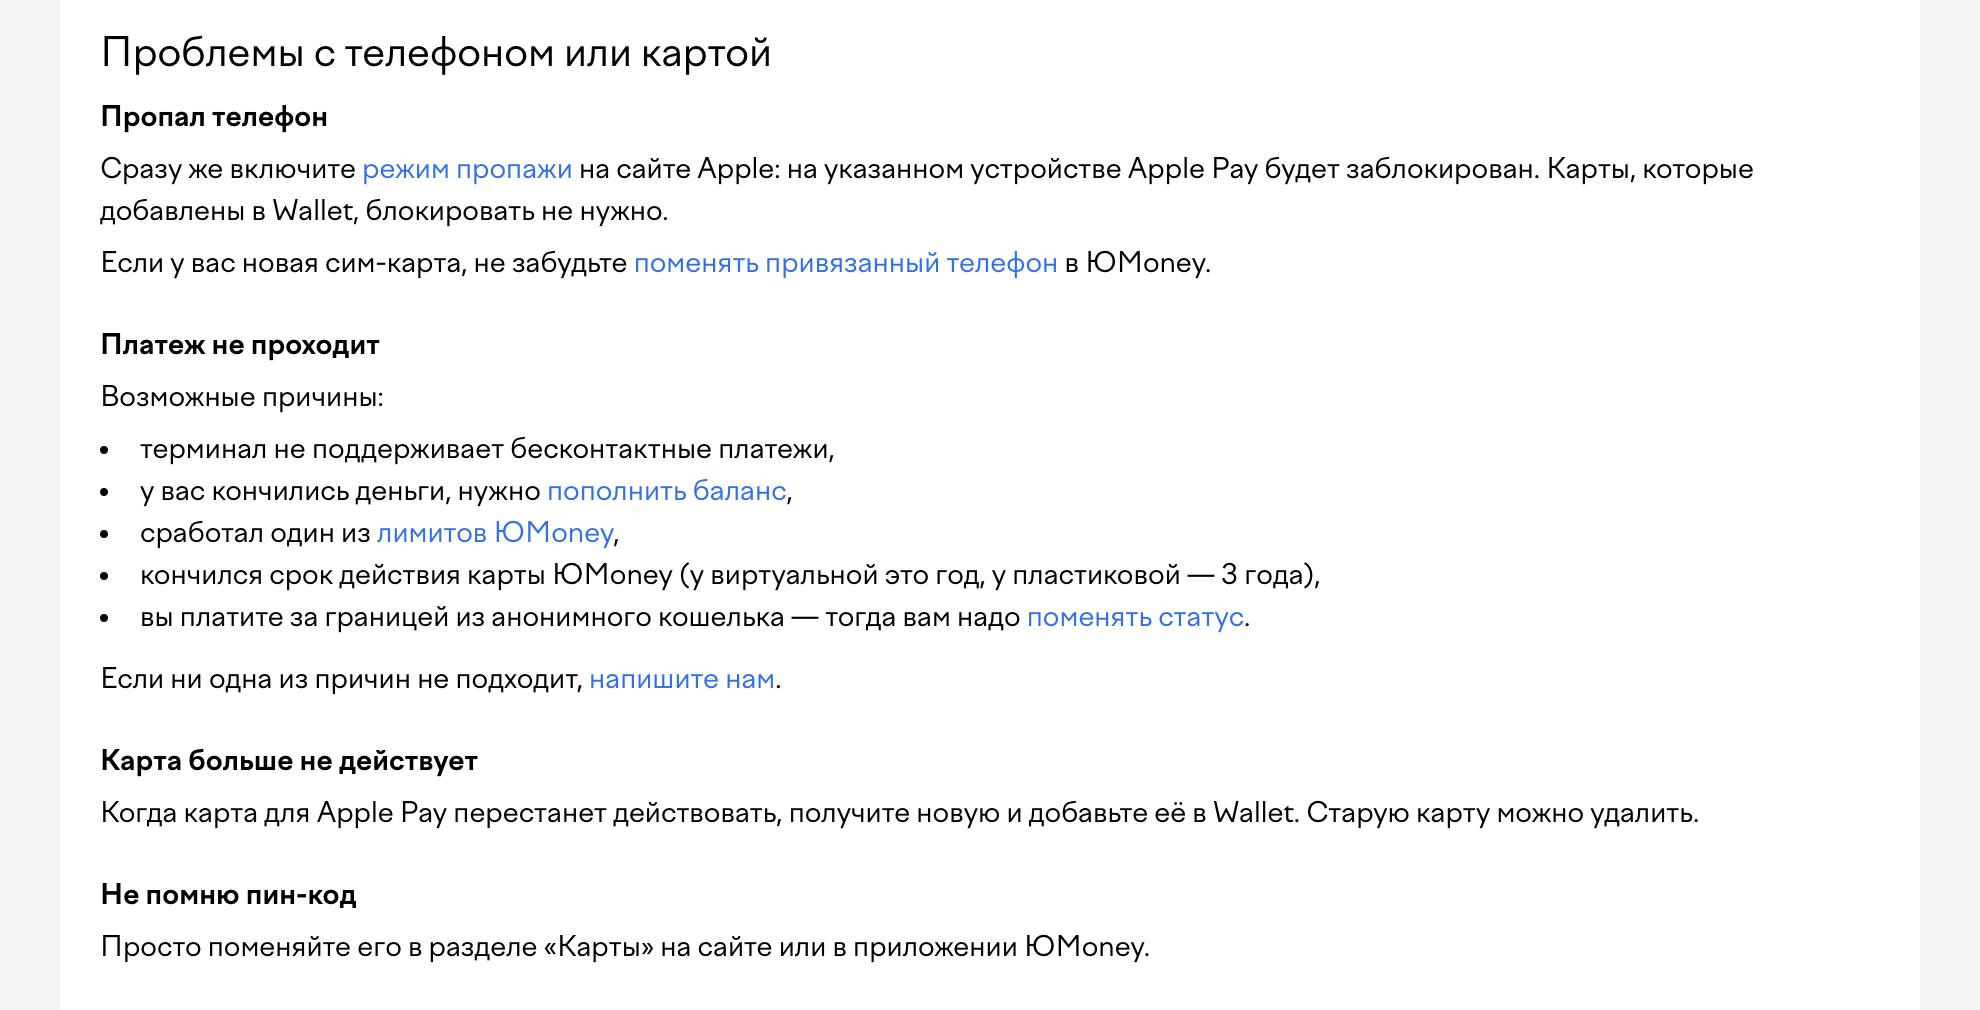 как добавить карту юмани в apple pay